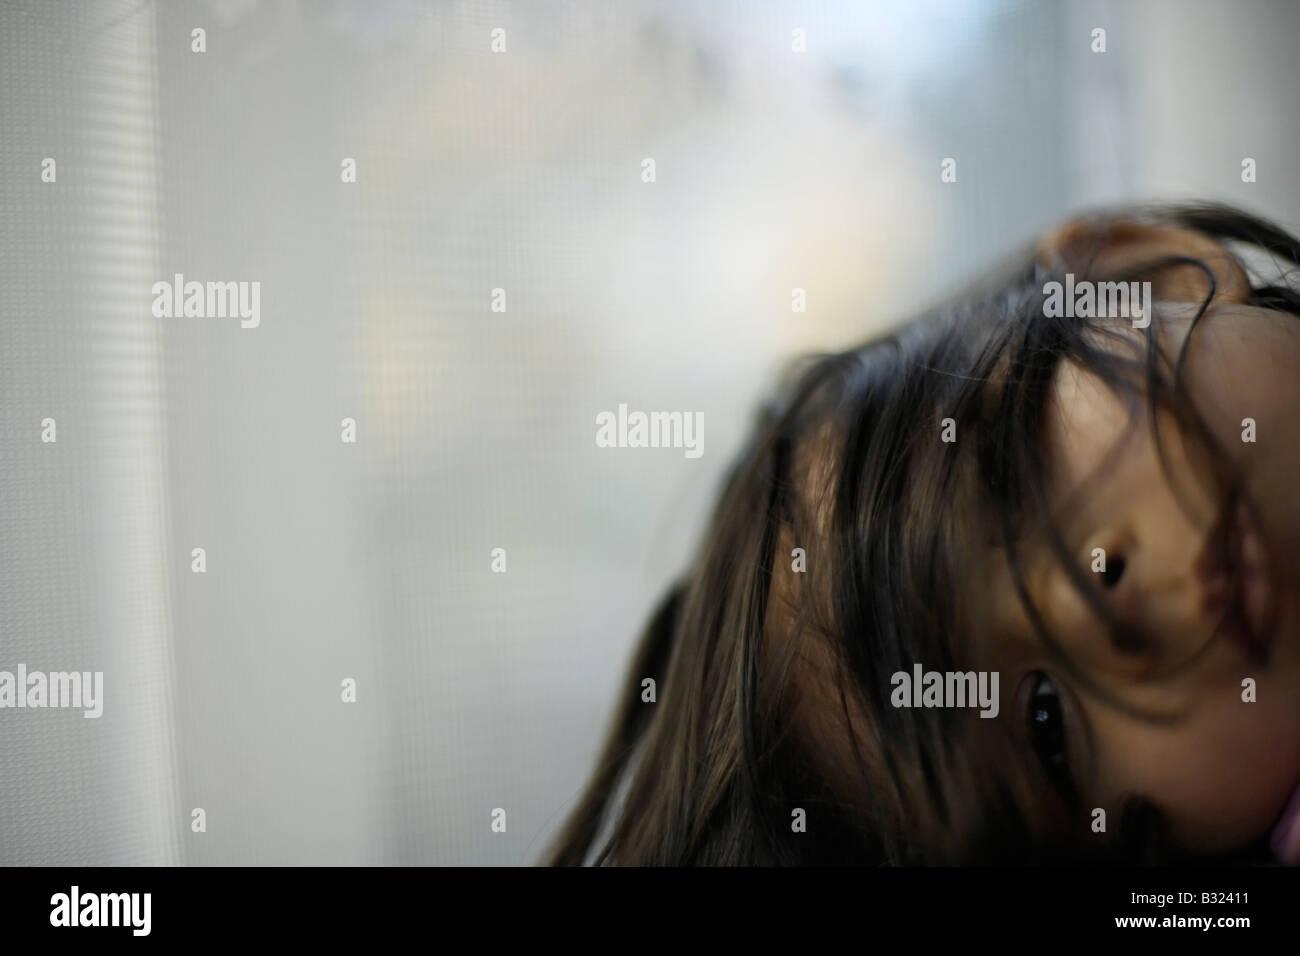 Ritratto di bambina di cinque anni dalla finestra di razza mista di etnia indiana Immagini Stock